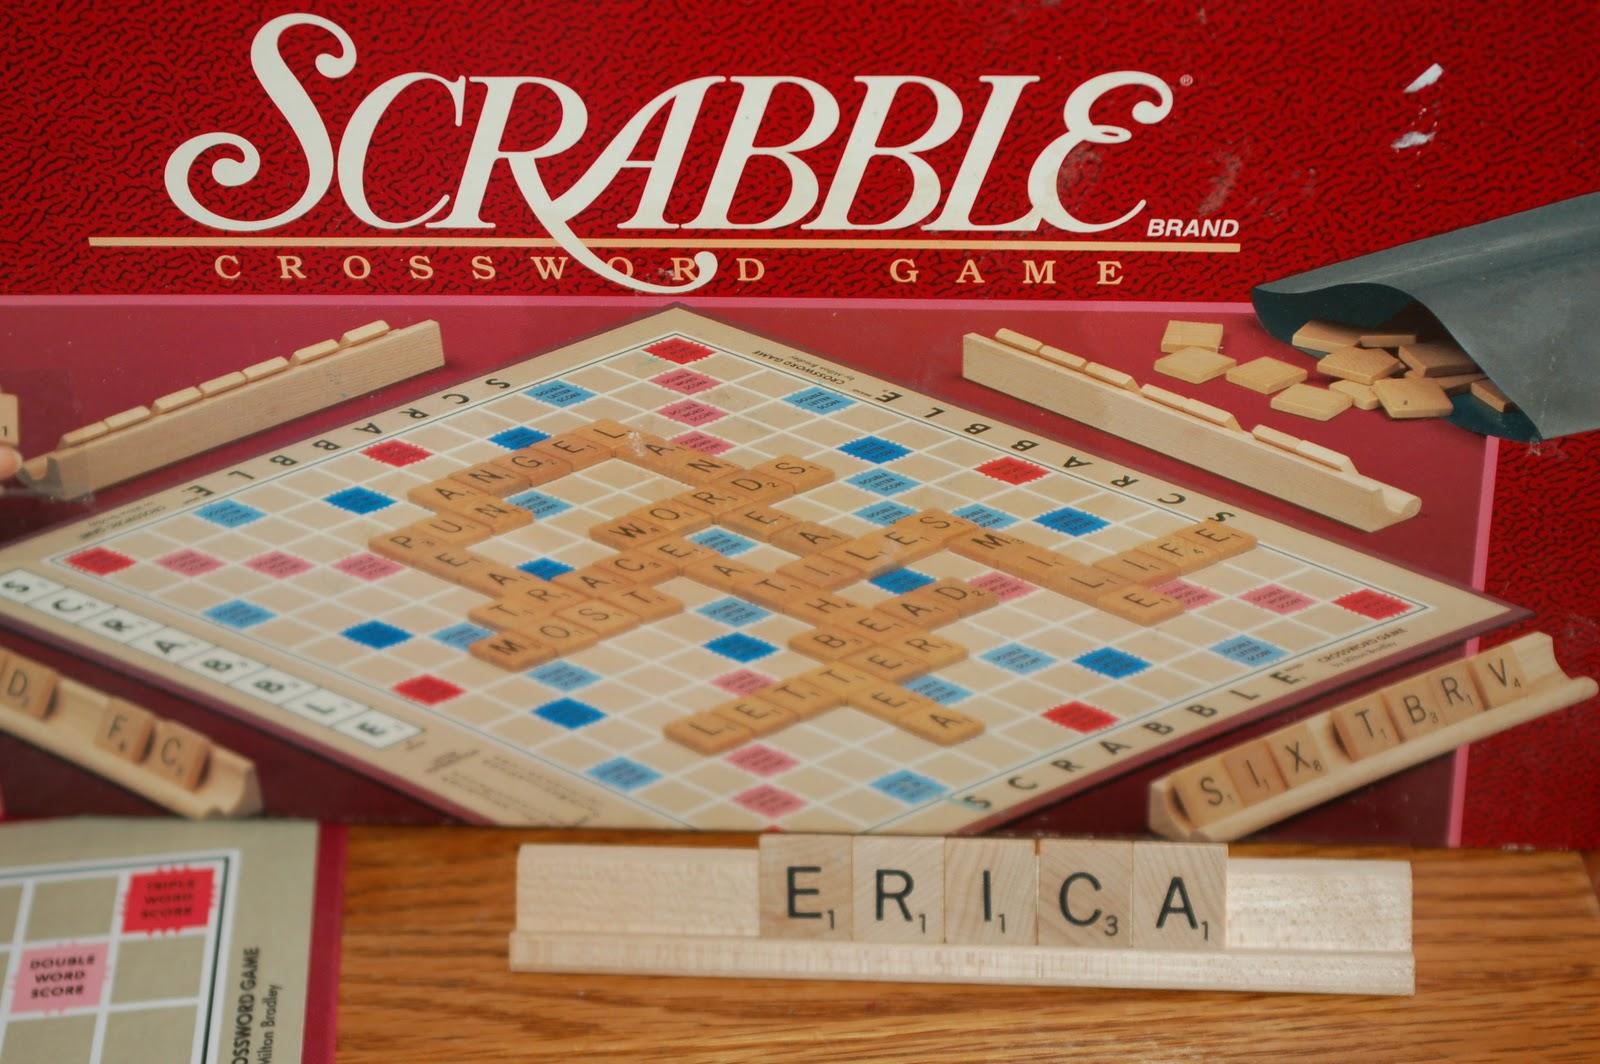 Scrabble - Wikipedia